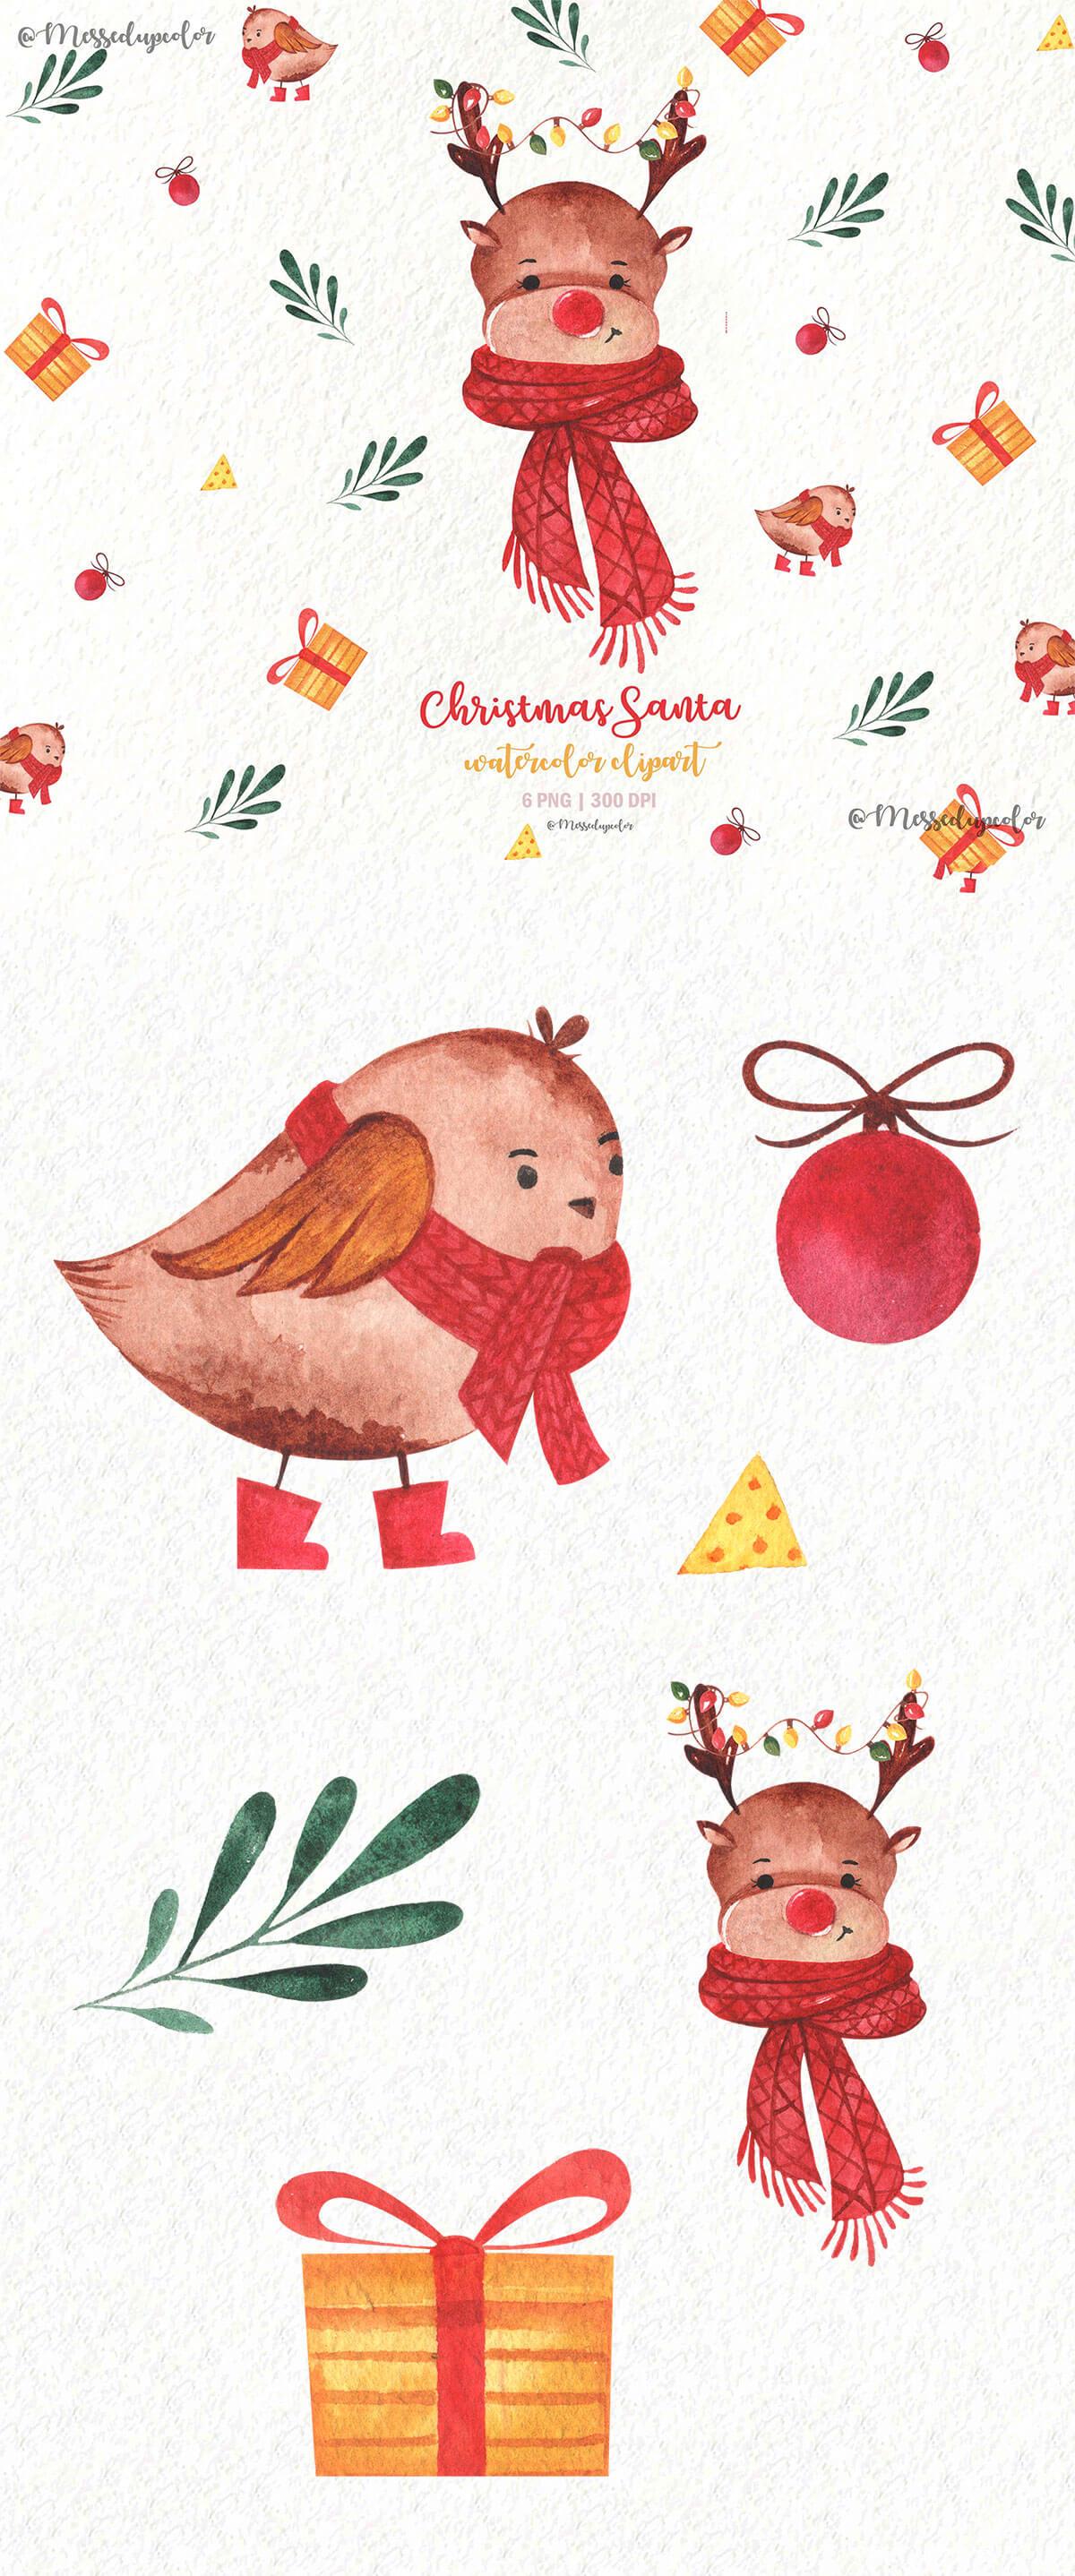 Free Christmas Santa Watercolor Clipart